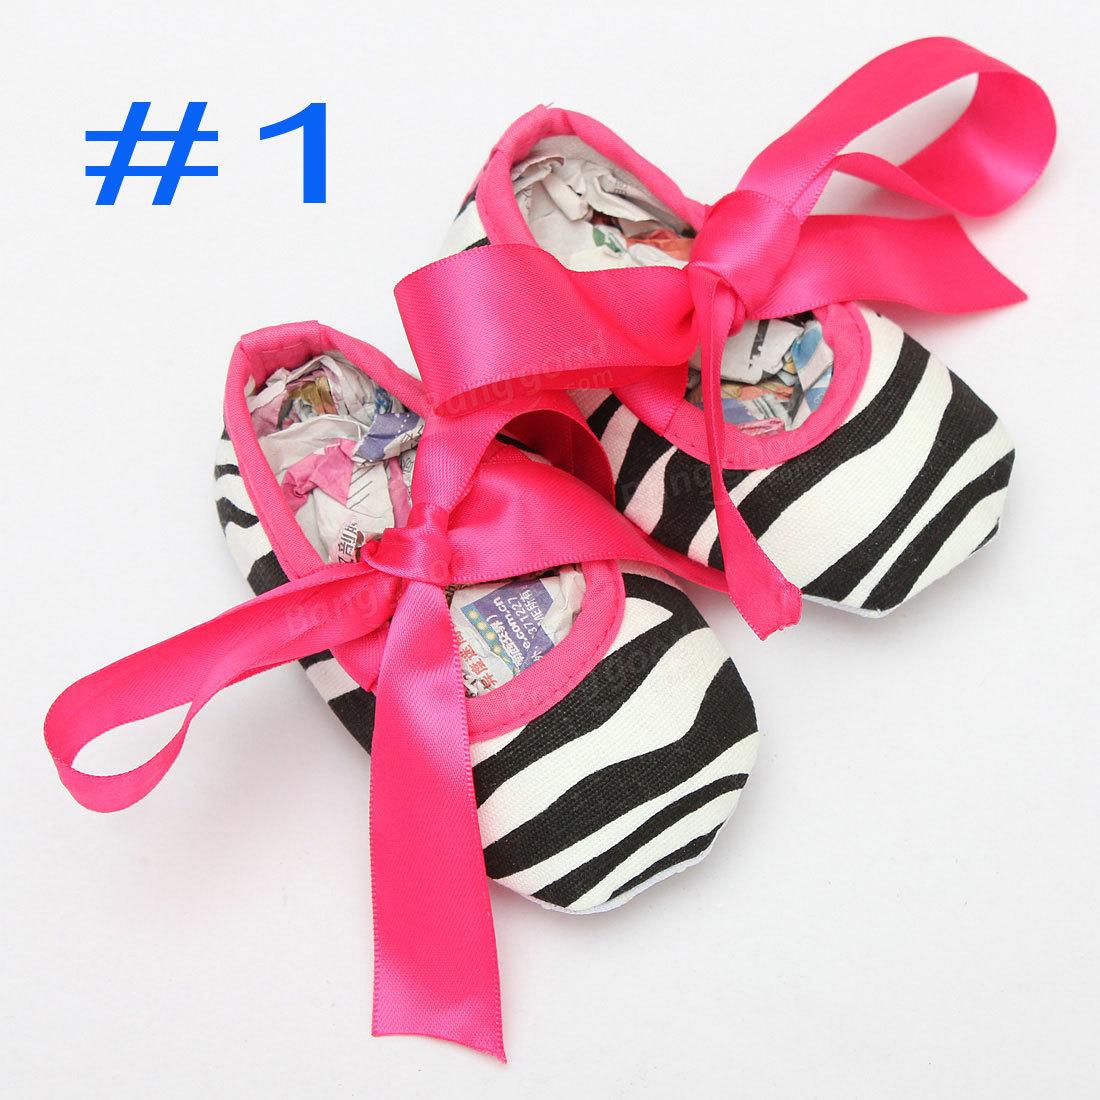 Bébés filles coton chaussures crèche semelle souple damassé imprimé arc 0-18m&